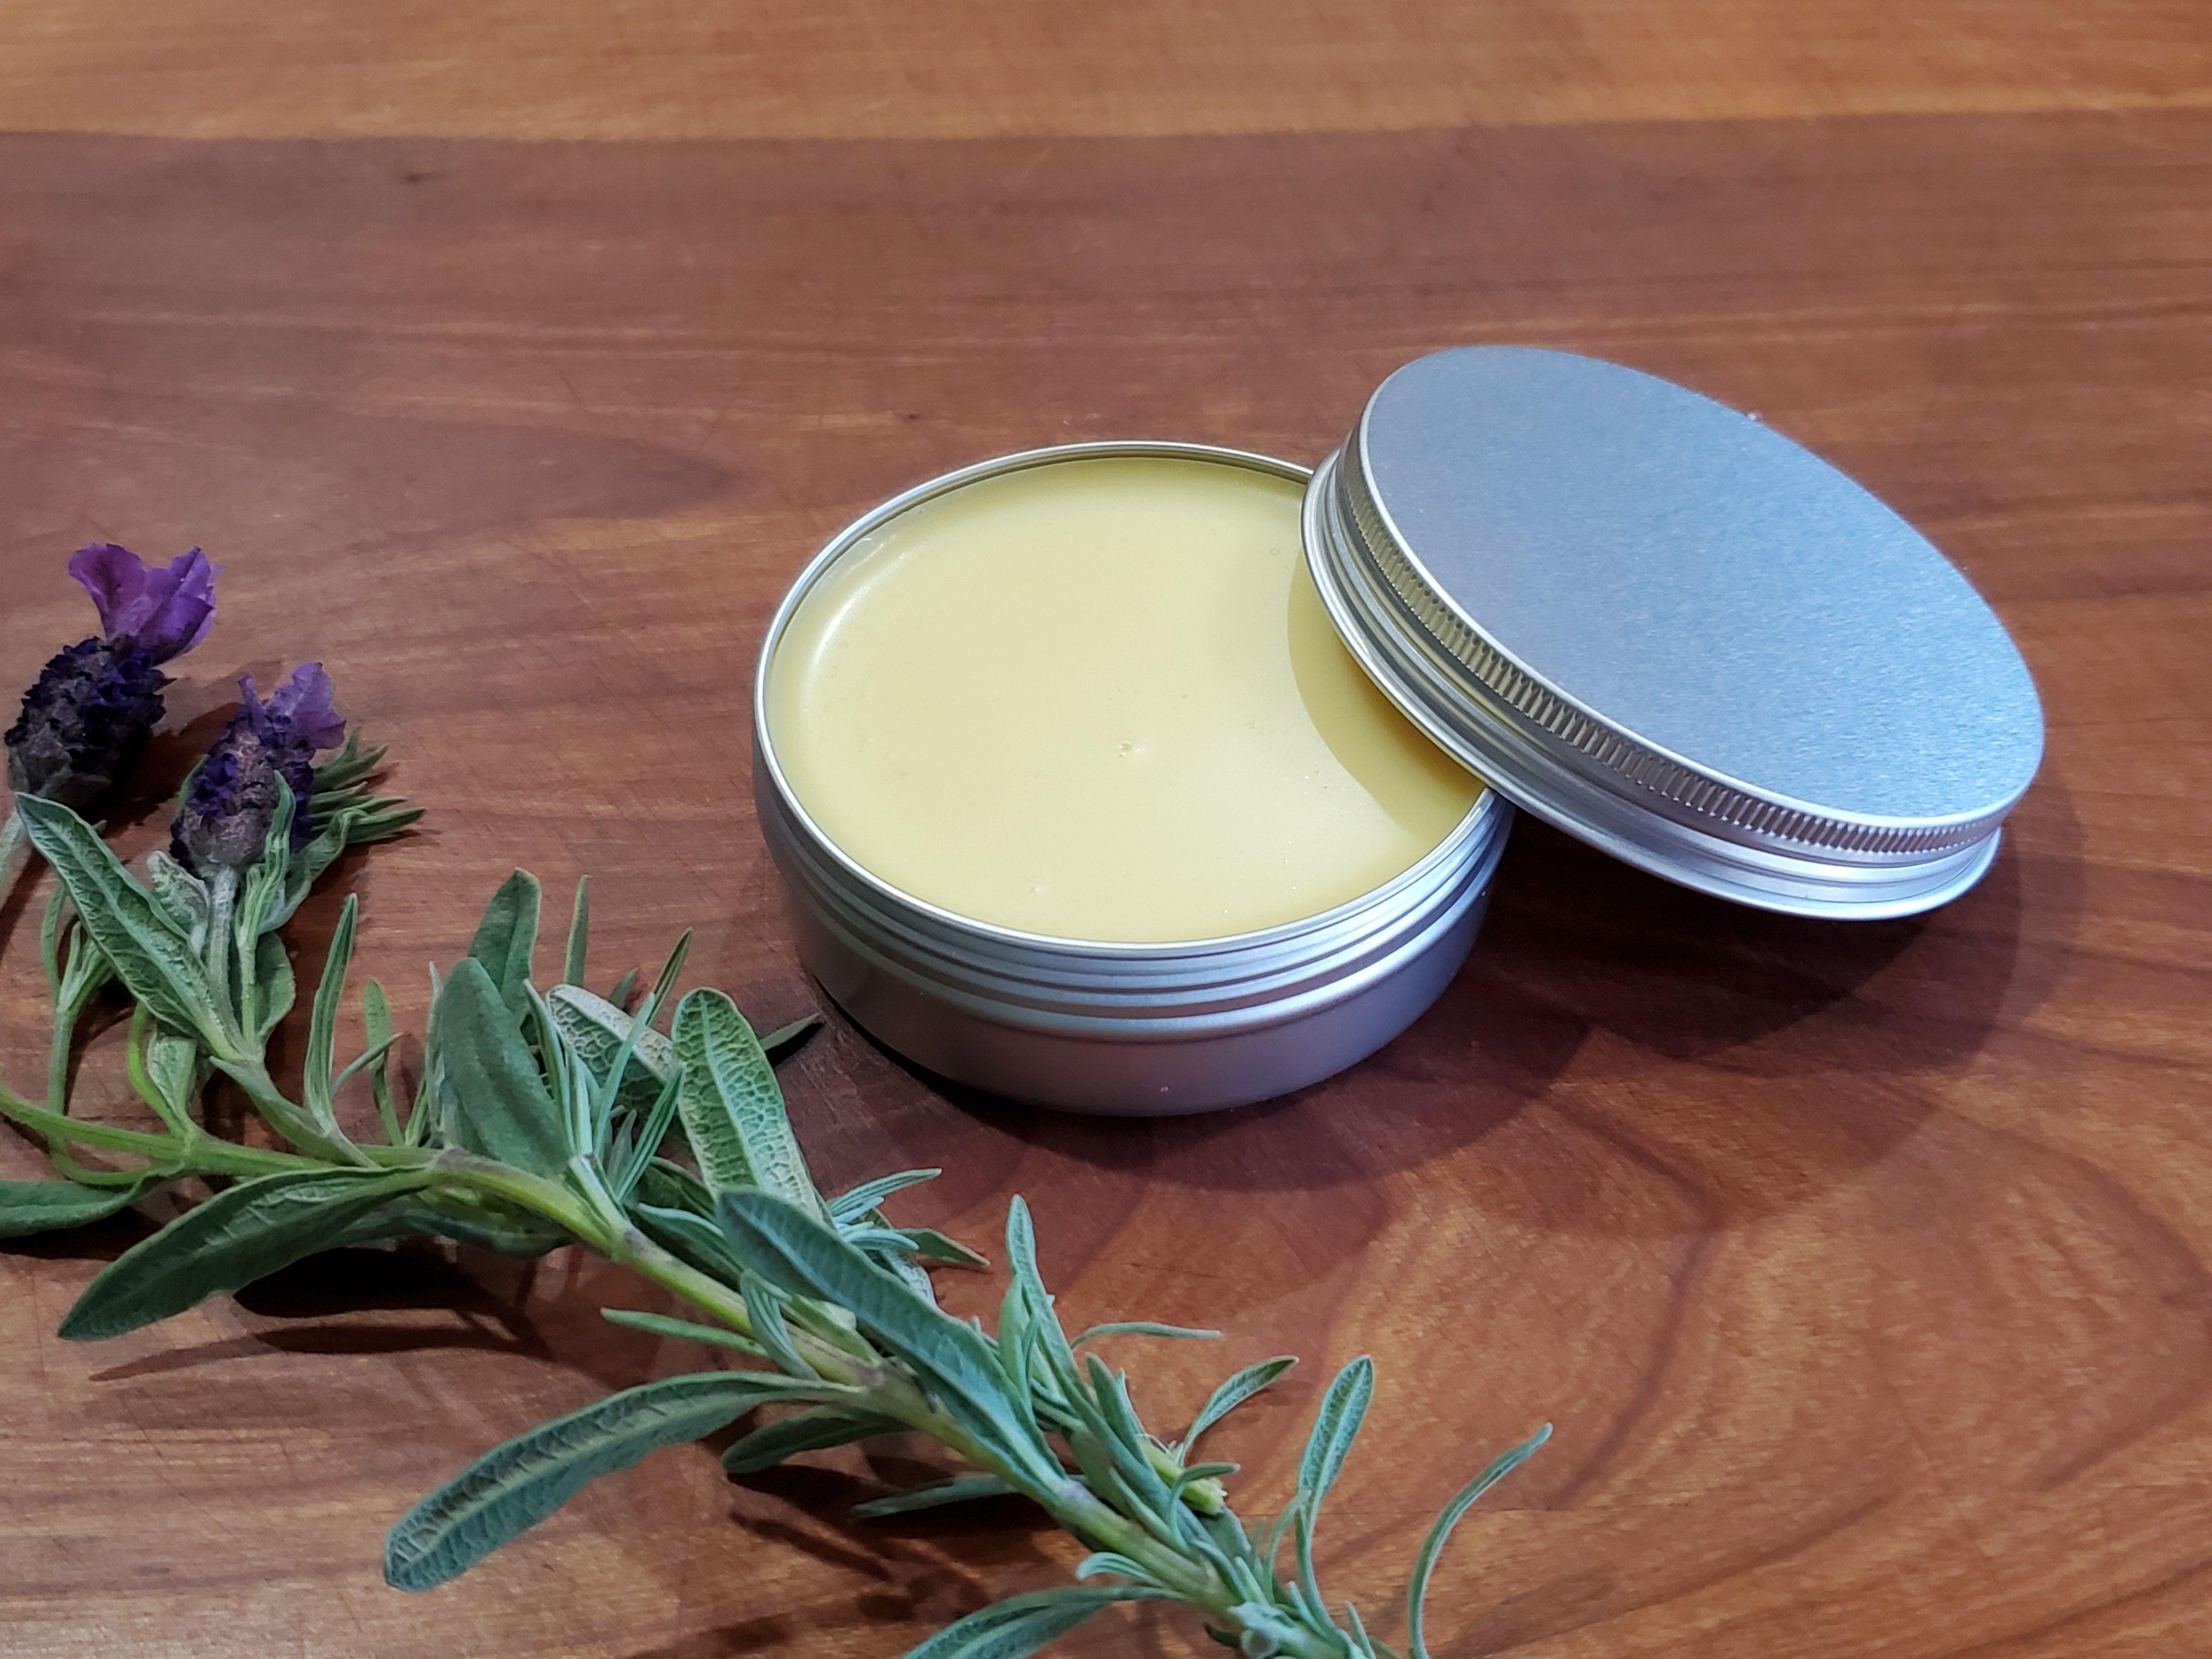 DIY Shaving Cream Whipped & Creamy Homemade shaving